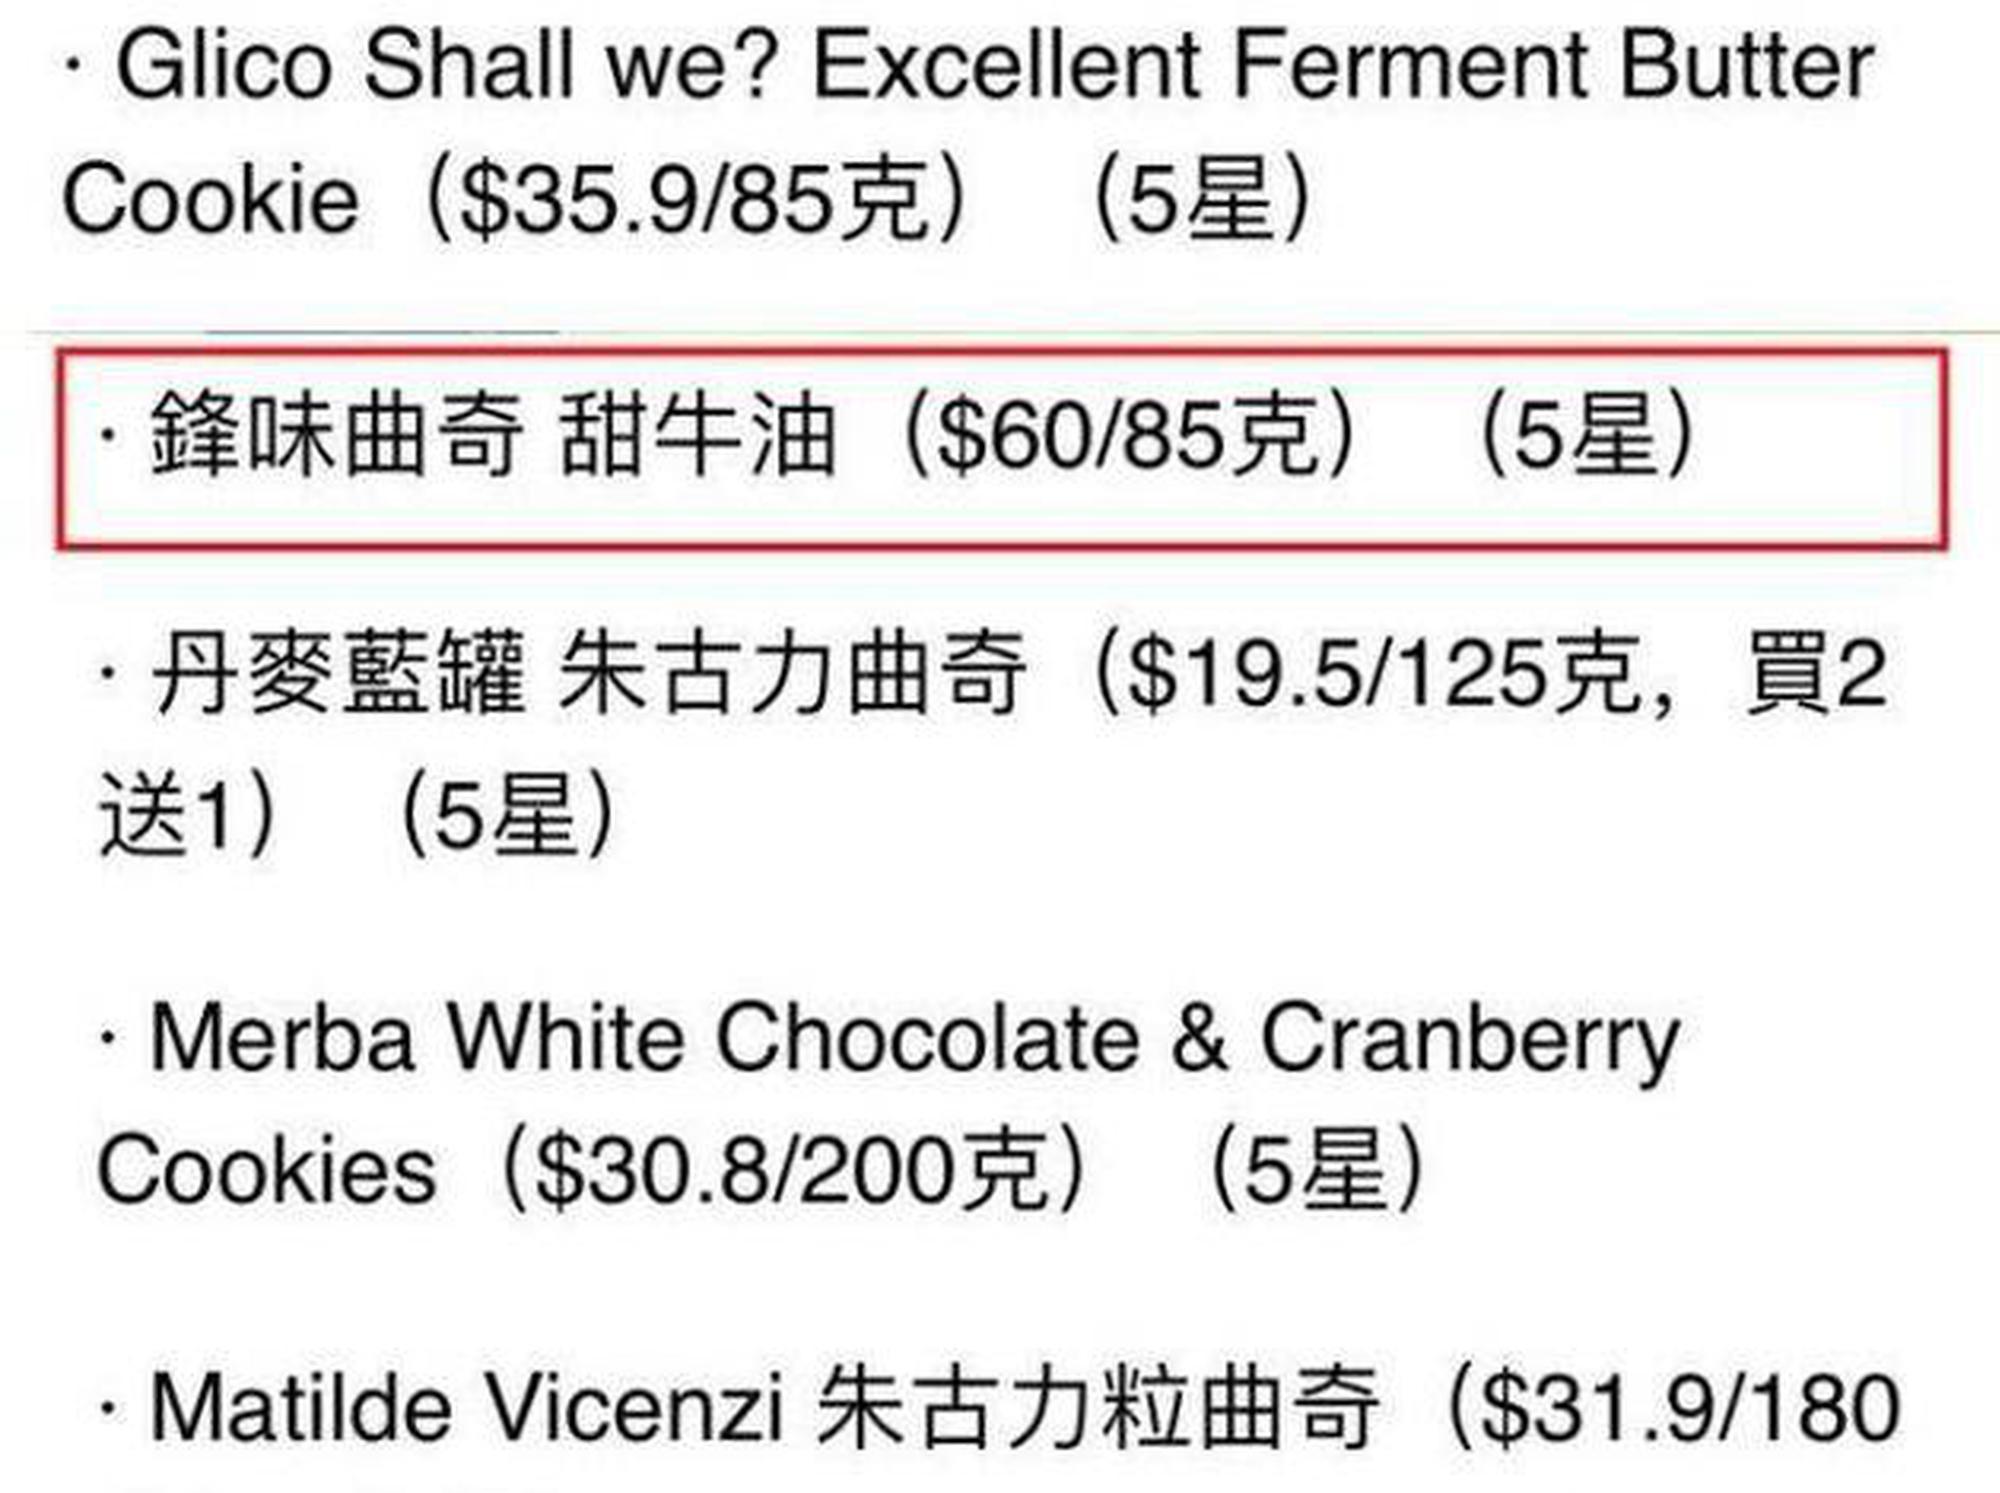 香港消委会测试了市面上的58款曲奇和甜酥饼样本,其中近九成(51款)检测出了致癌物,谢霆锋旗下的一款饼干就包括在内。